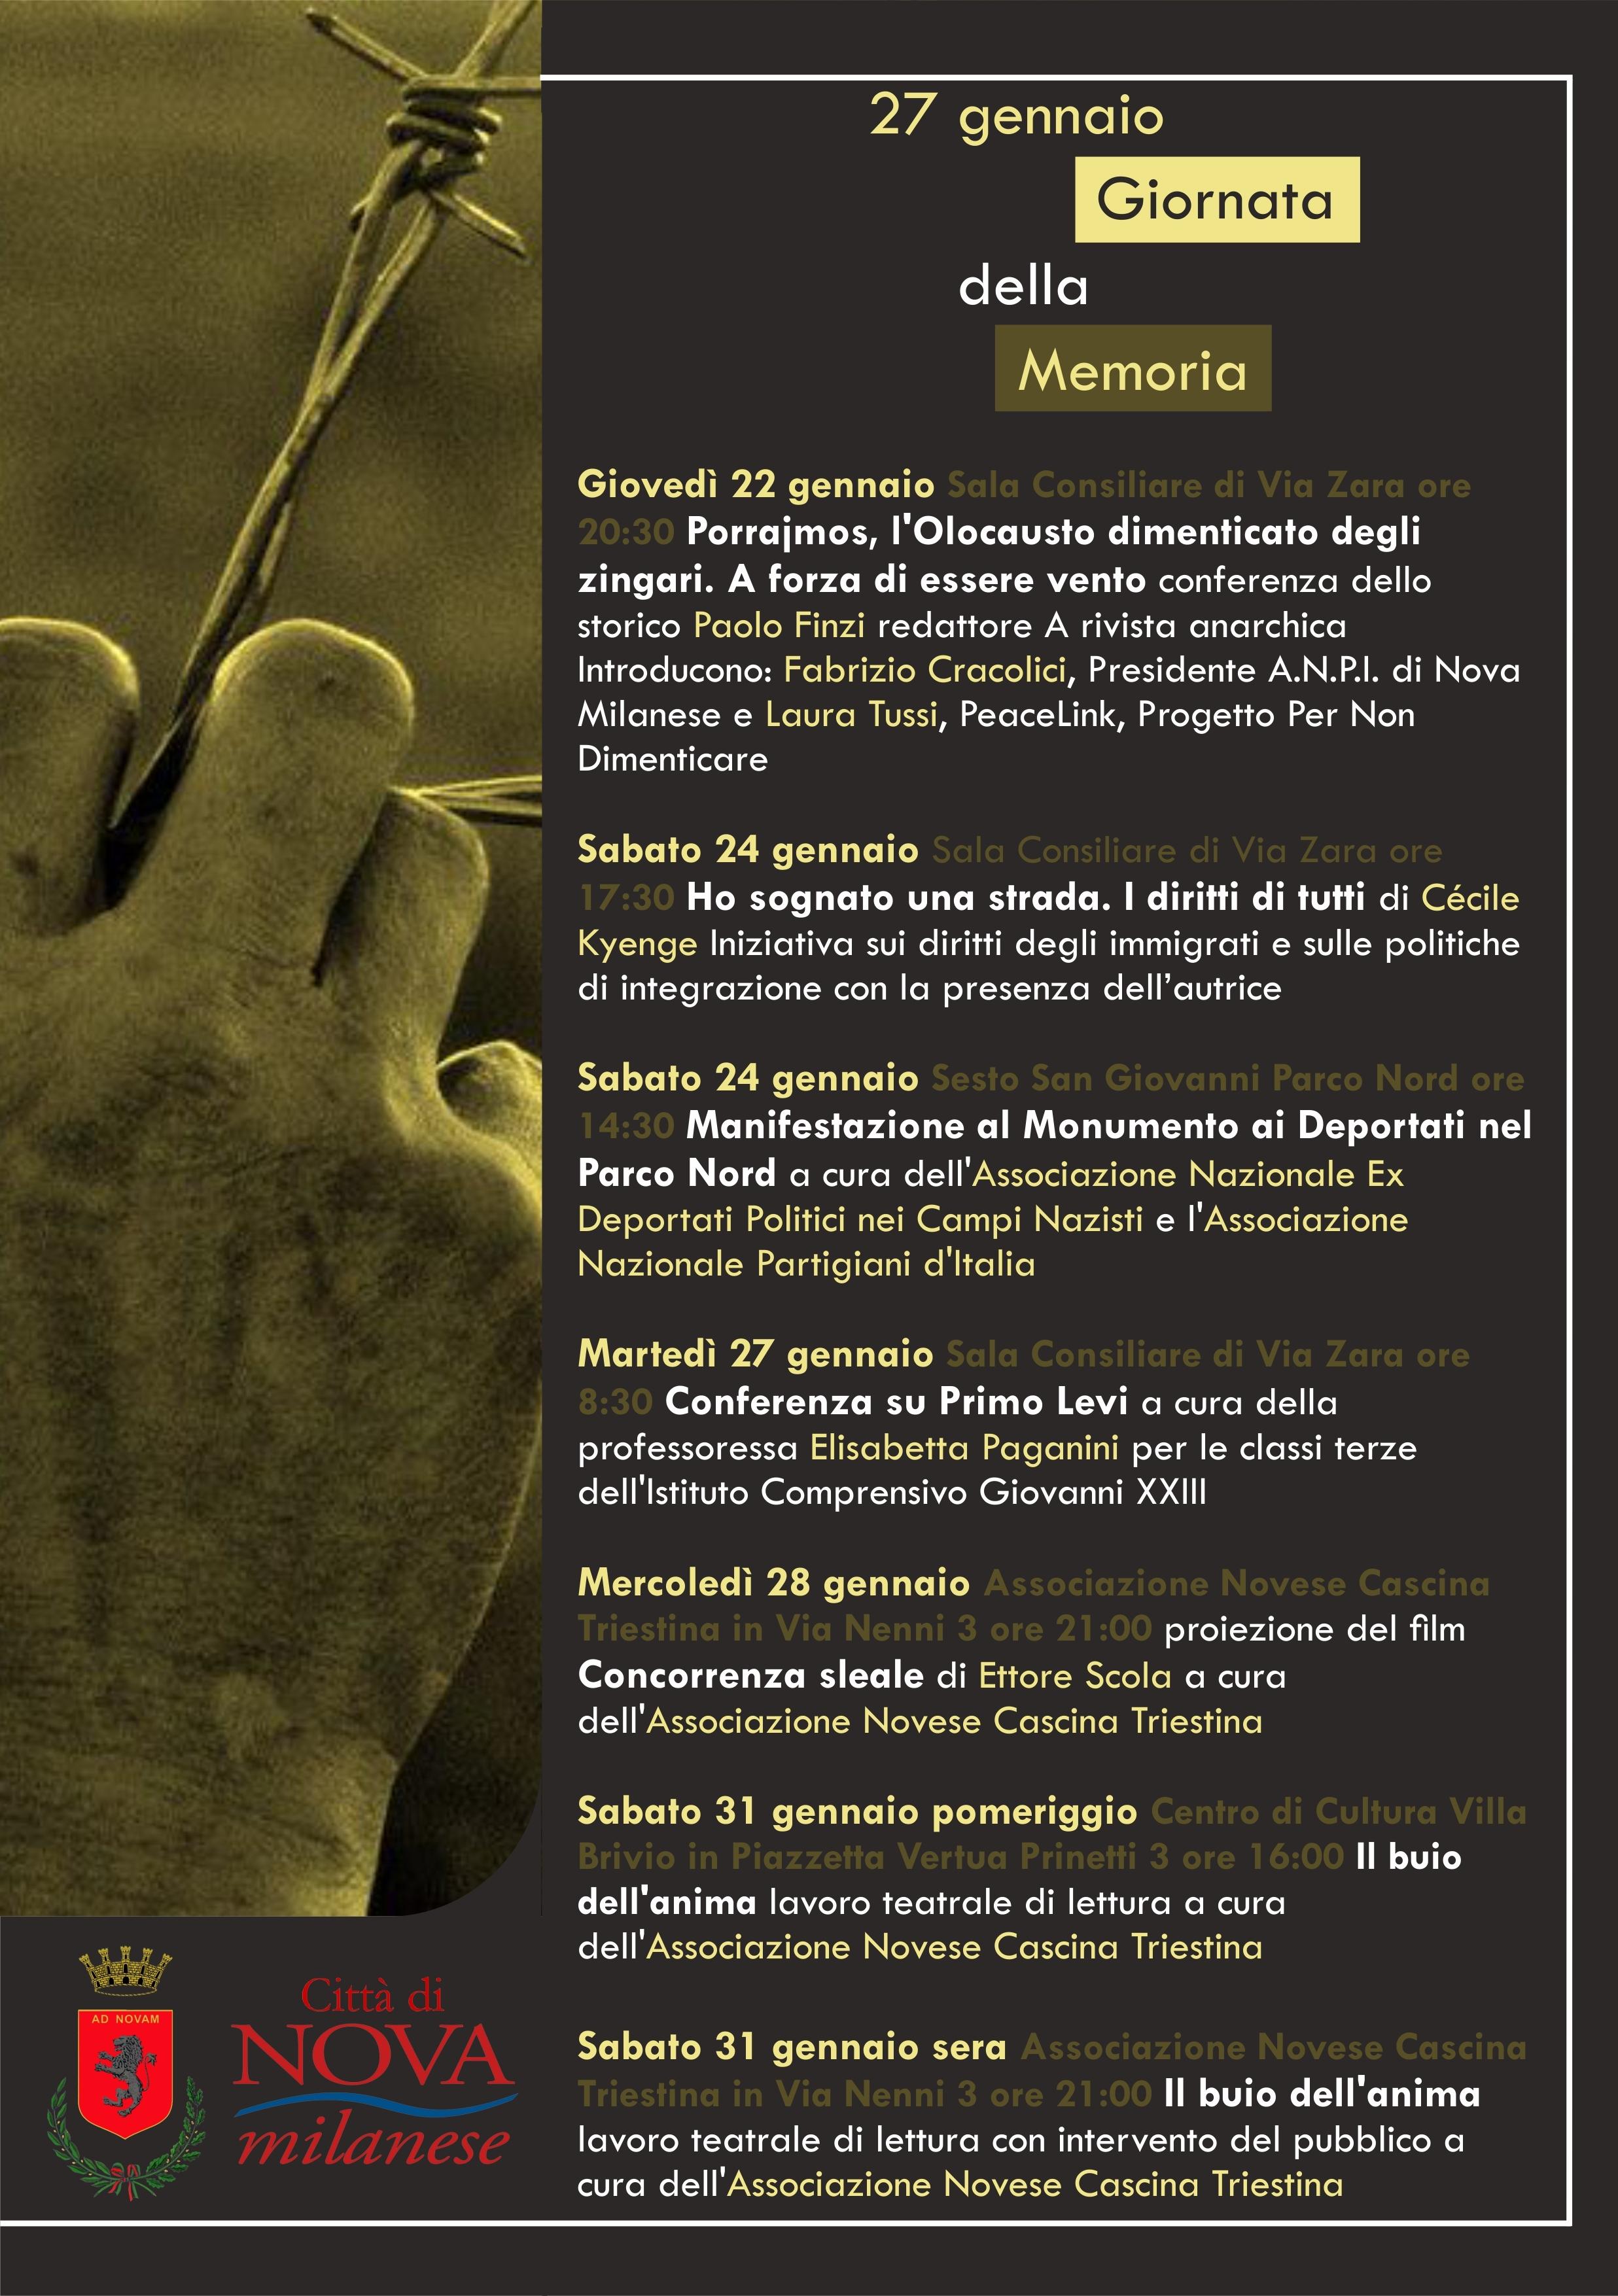 Giorno della Memoria - 27 Gennaio, Nova Milanese